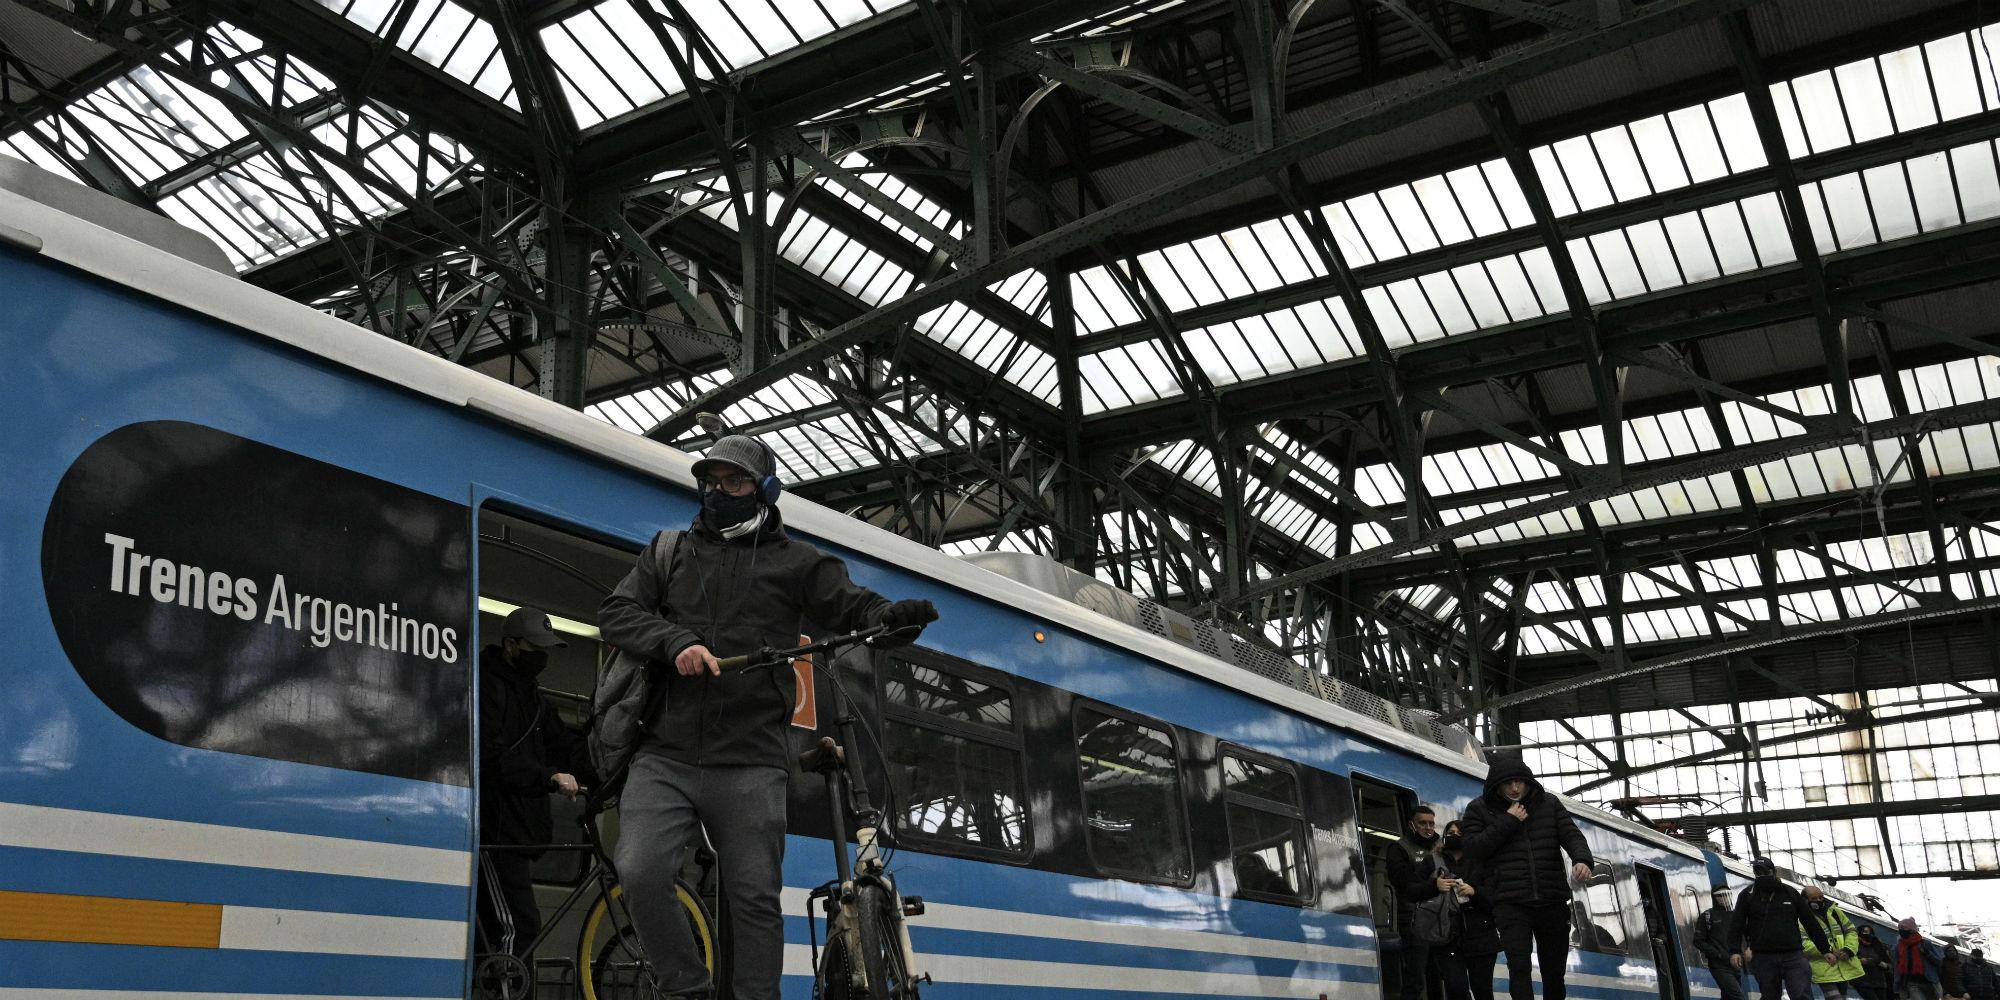 Transports : comment emporter son vélo dans le train ?